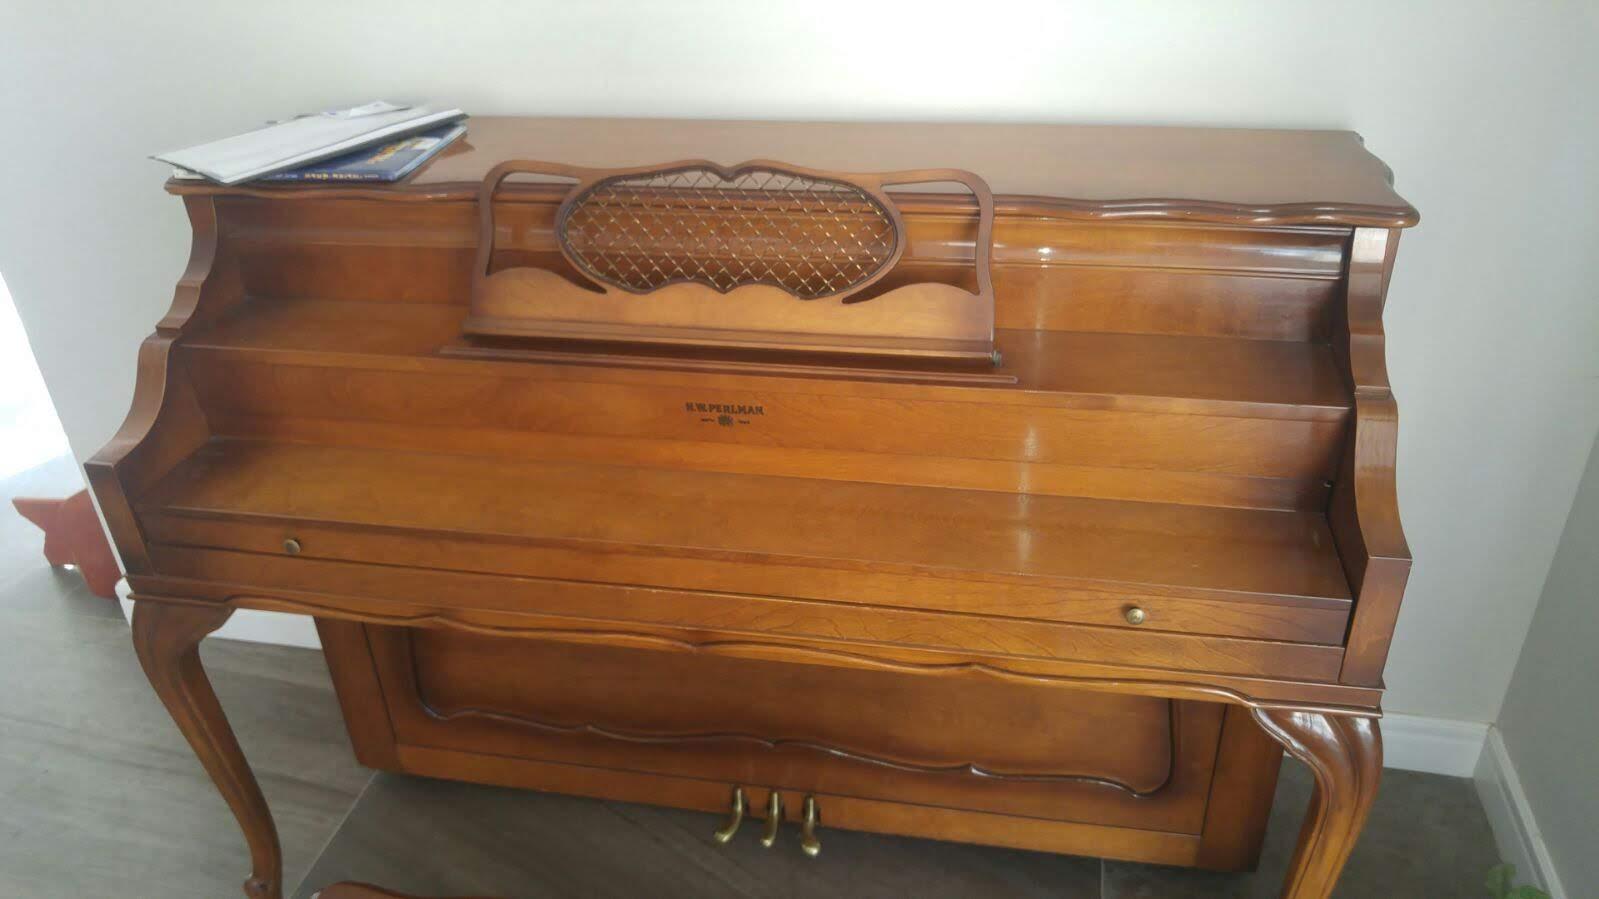 שחזור רהיטים - שחזור פסנתר - רסטורנו